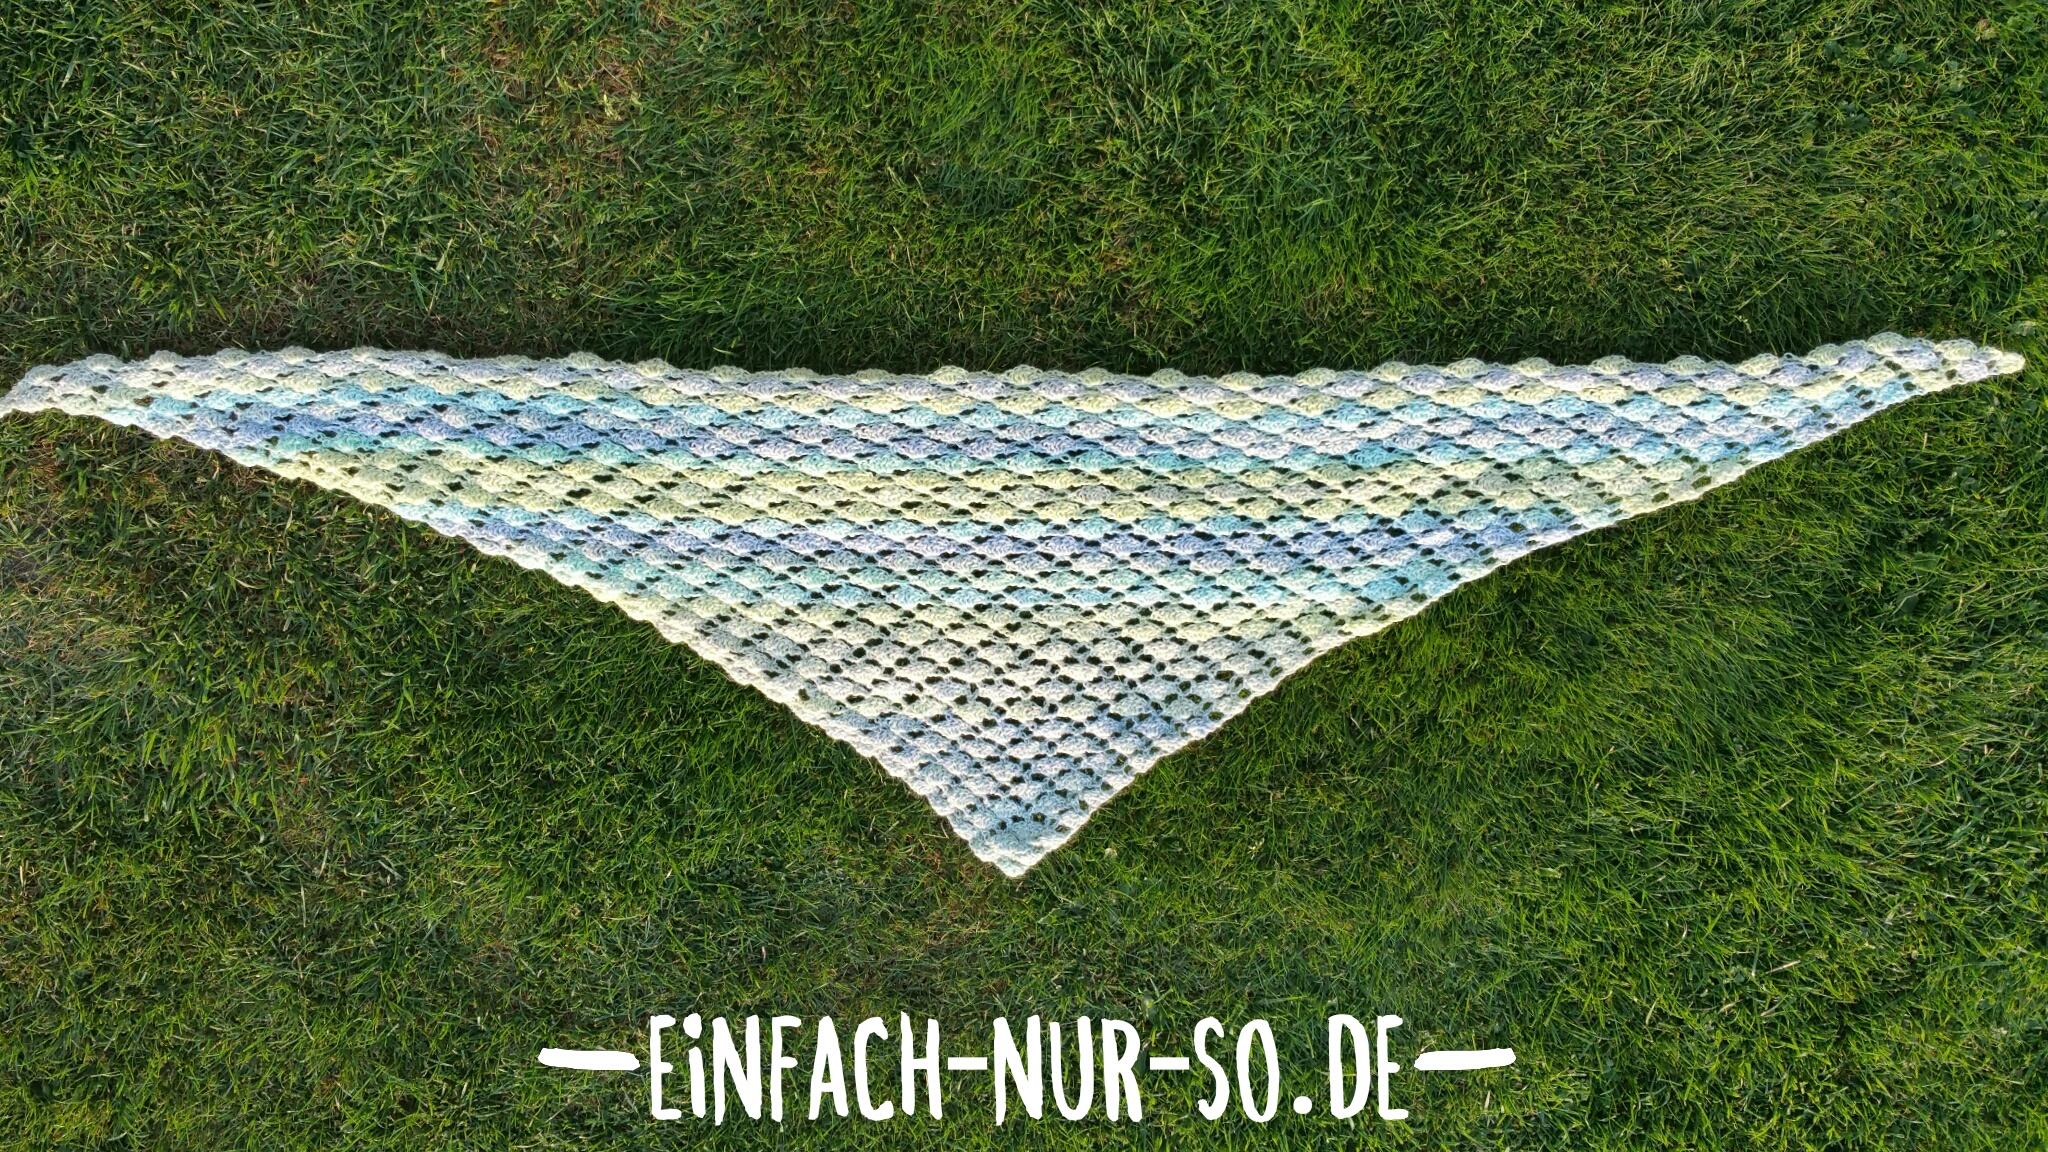 Dreieckstuch Sommerwiese Einfach Nur Sode